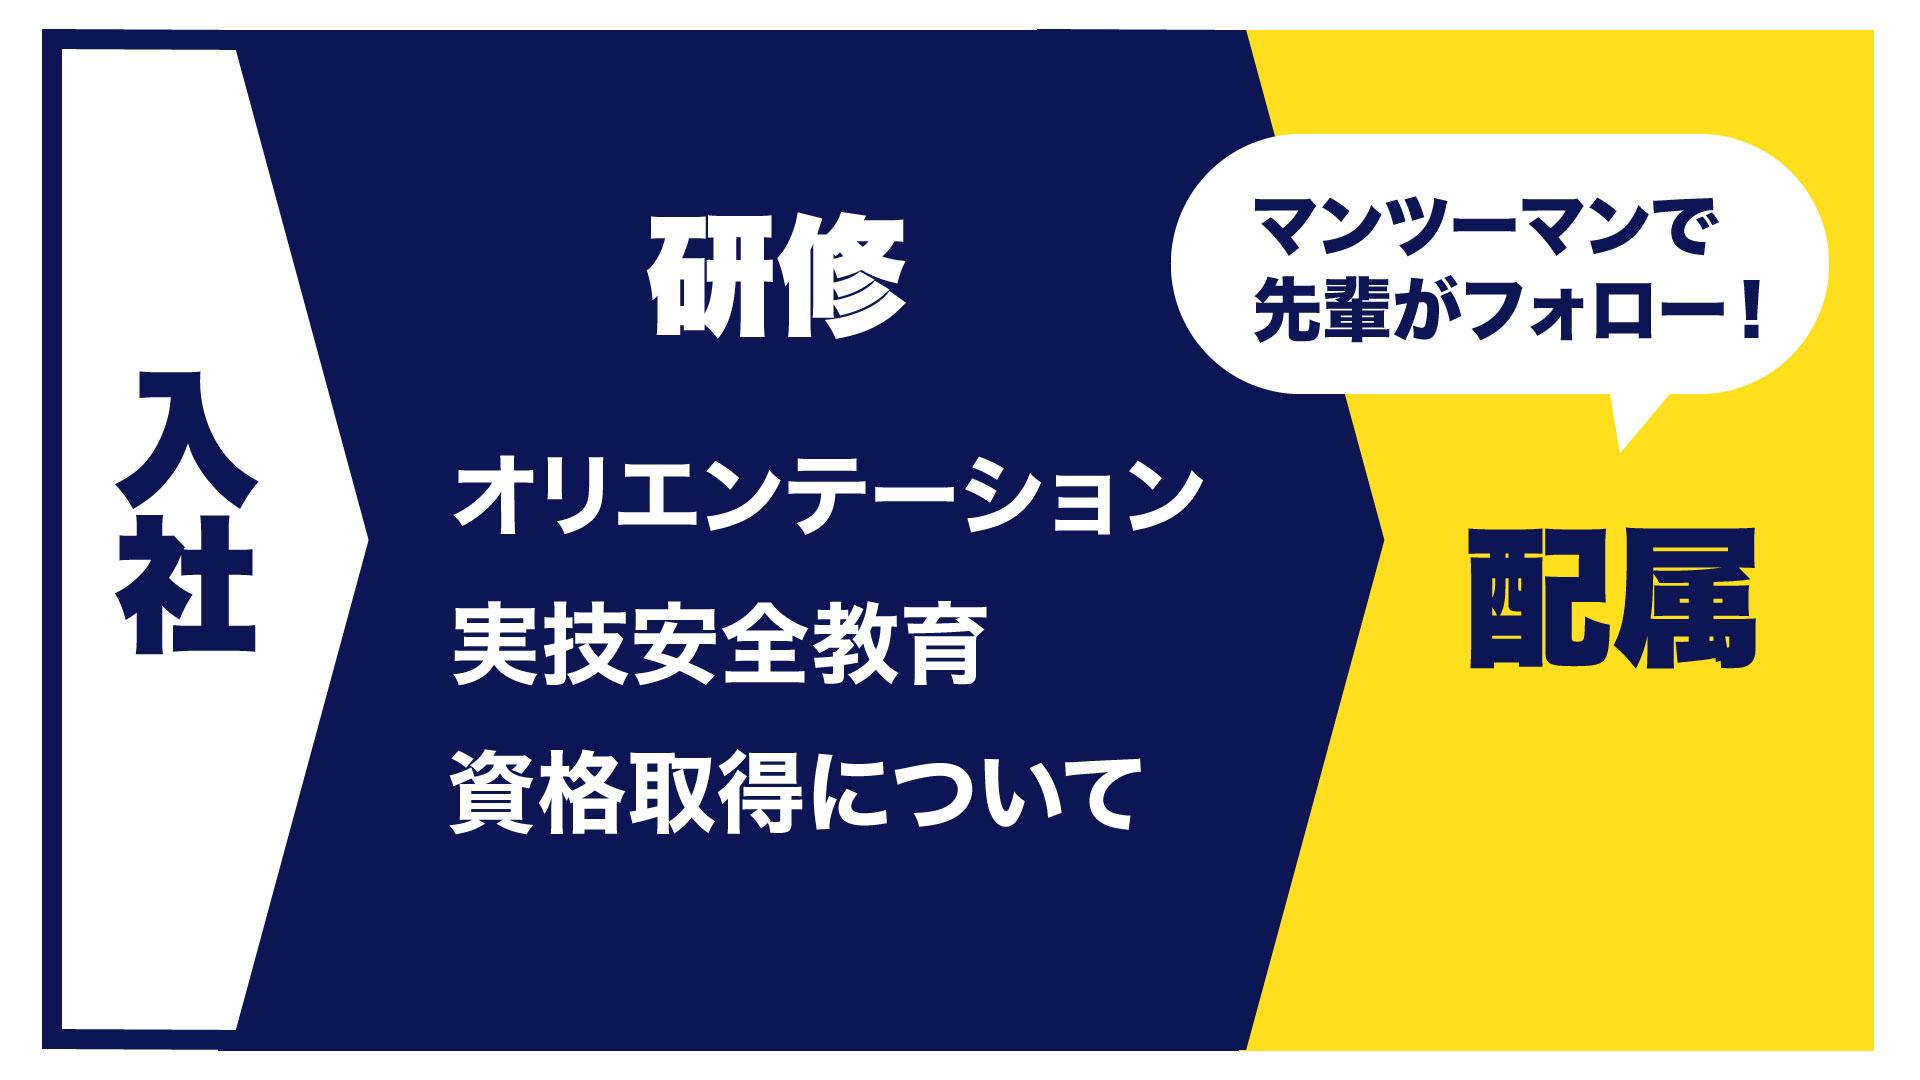 コマツ大阪の安心安全に働ける制度